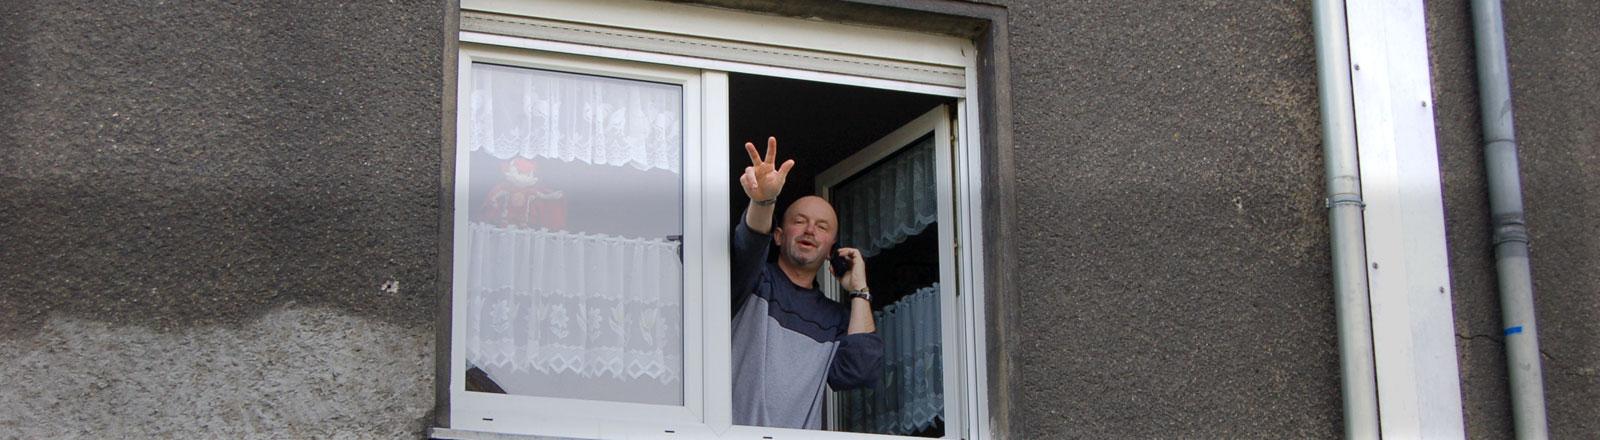 Ein Mann hält ein Telefon an sein Ohr und winkt aus einem Fenster.